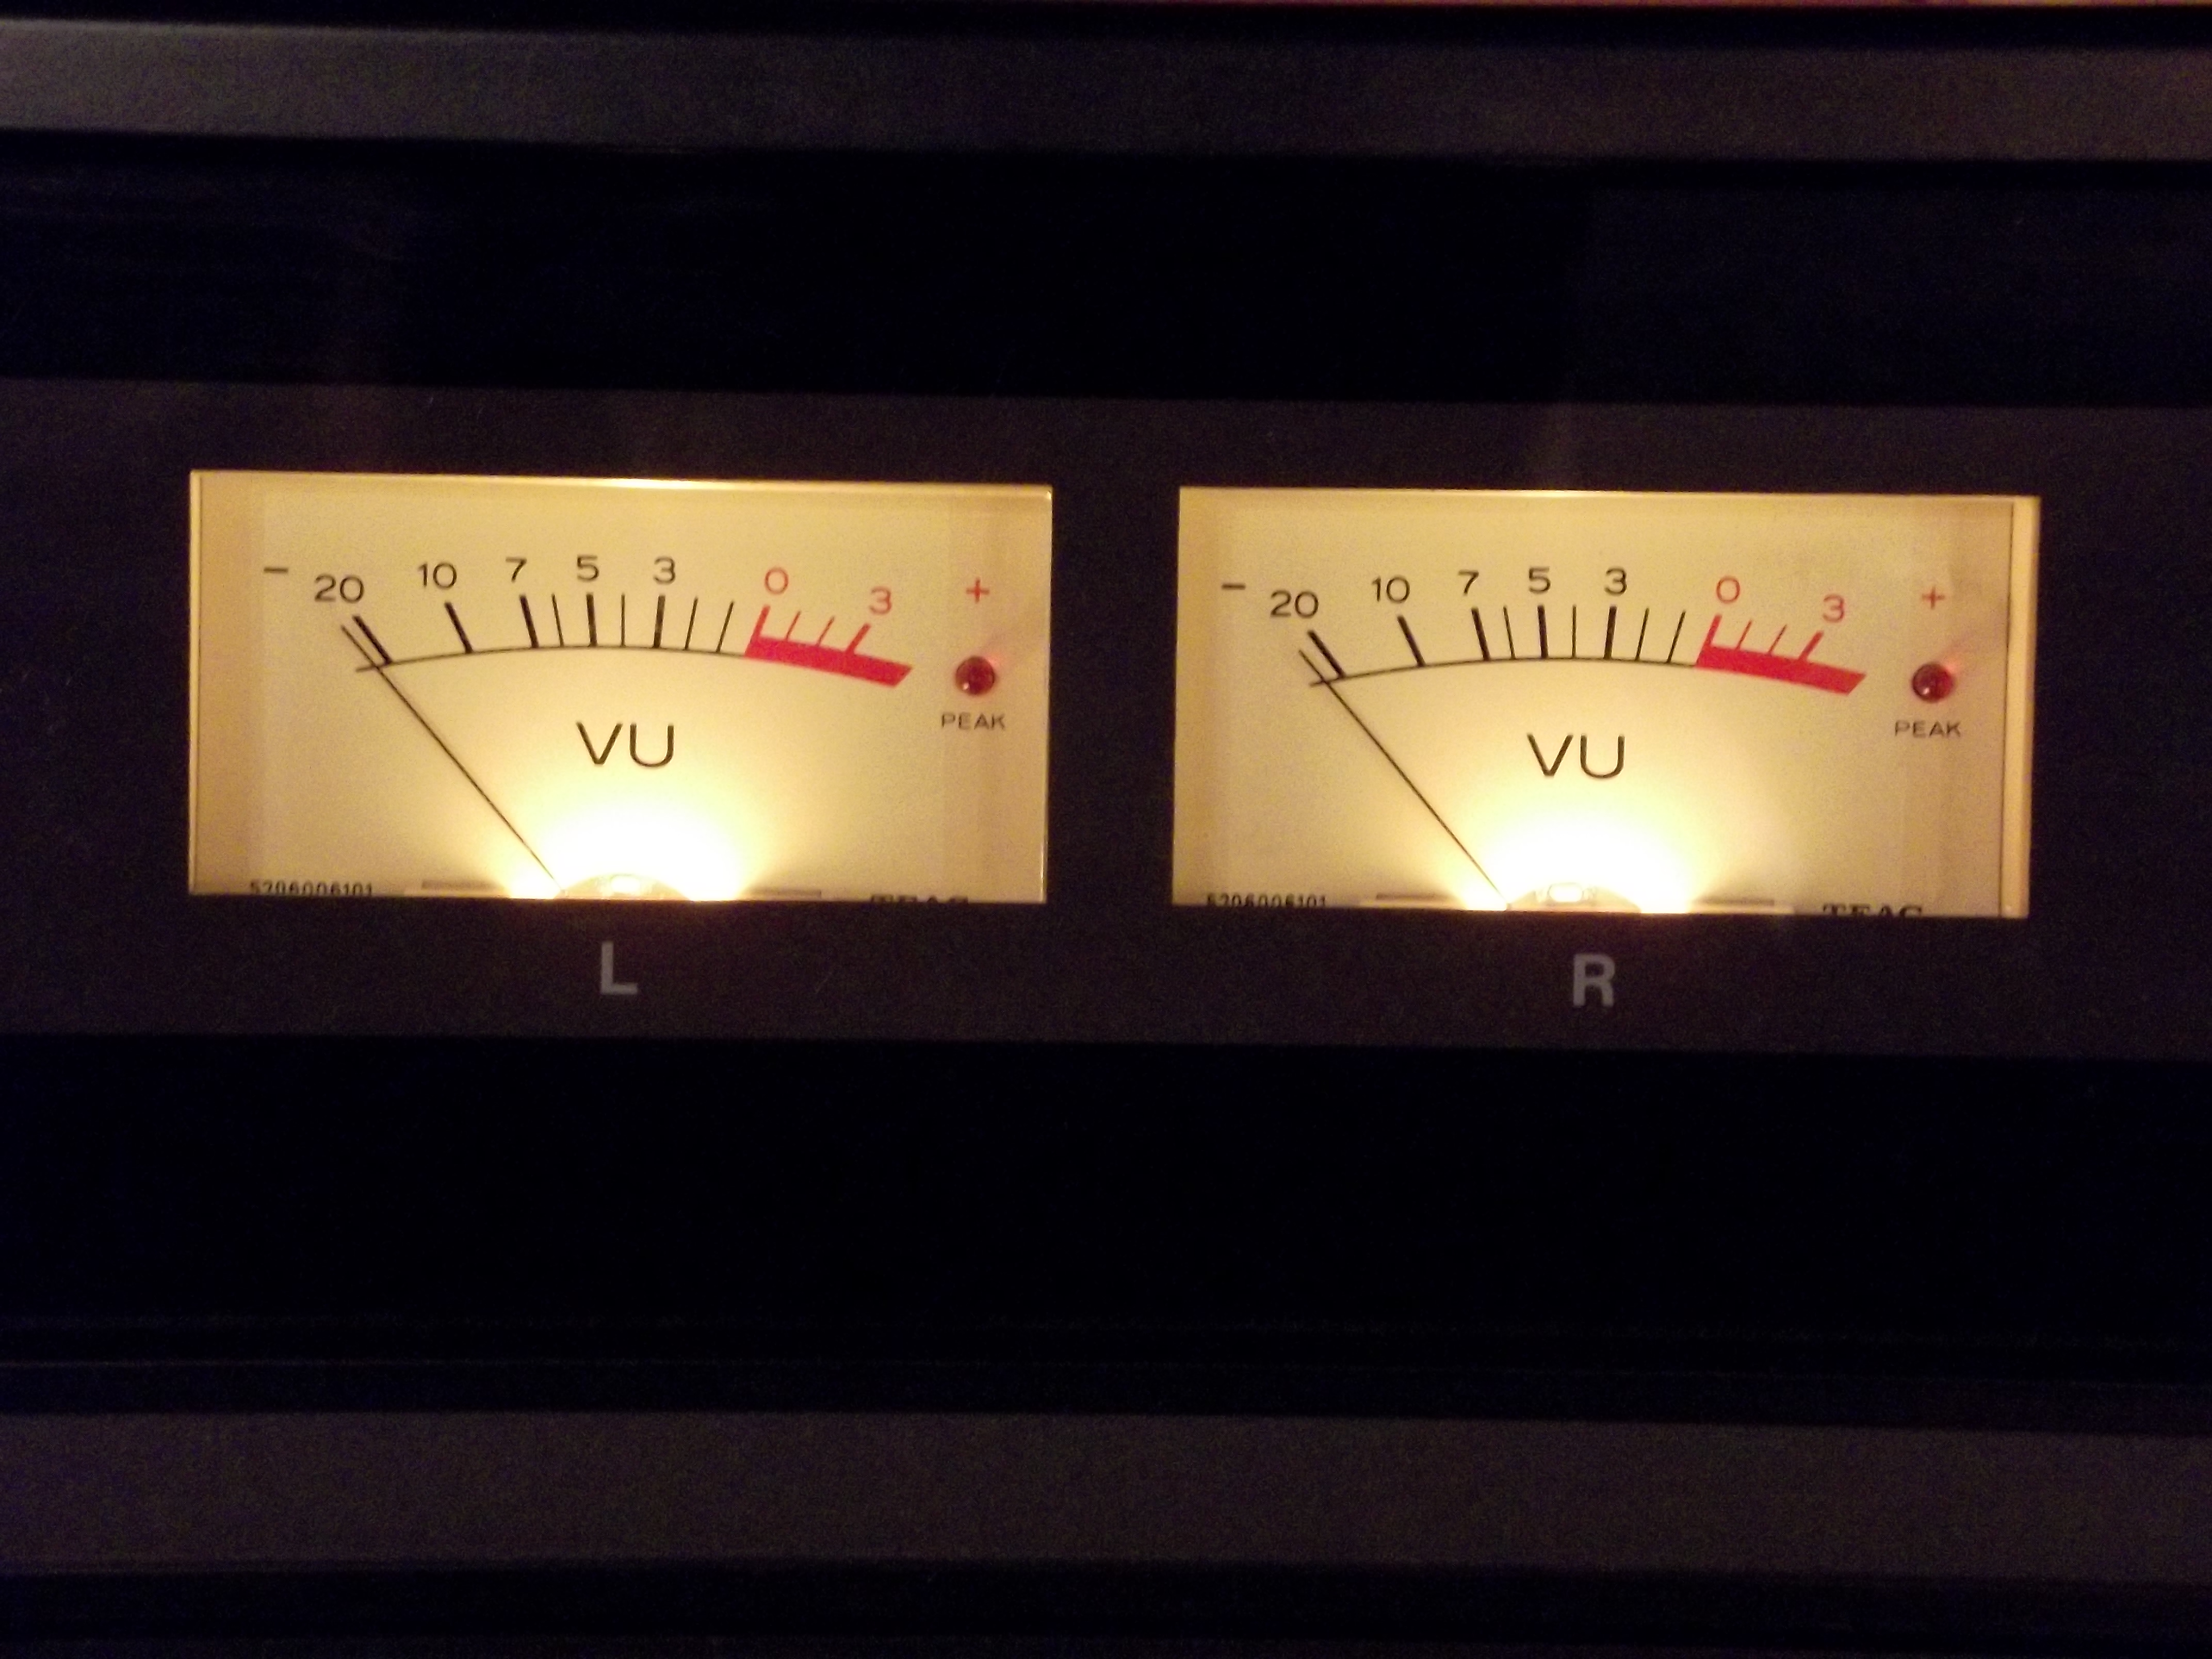 Analogue VU meters